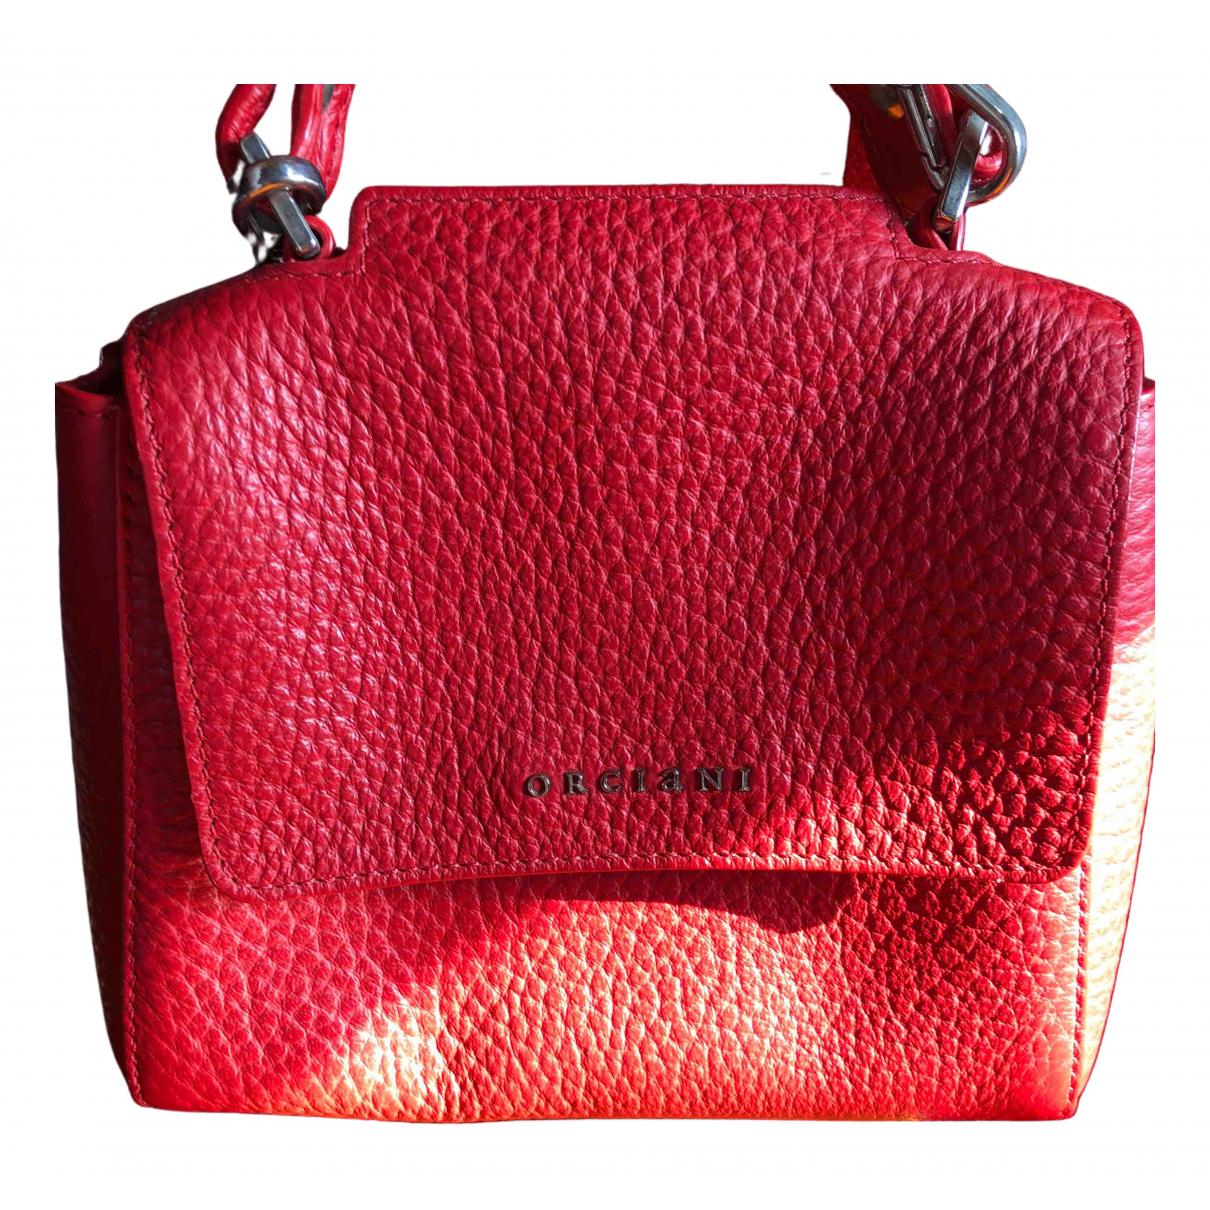 Orciani \N Handtasche in  Rot Leder